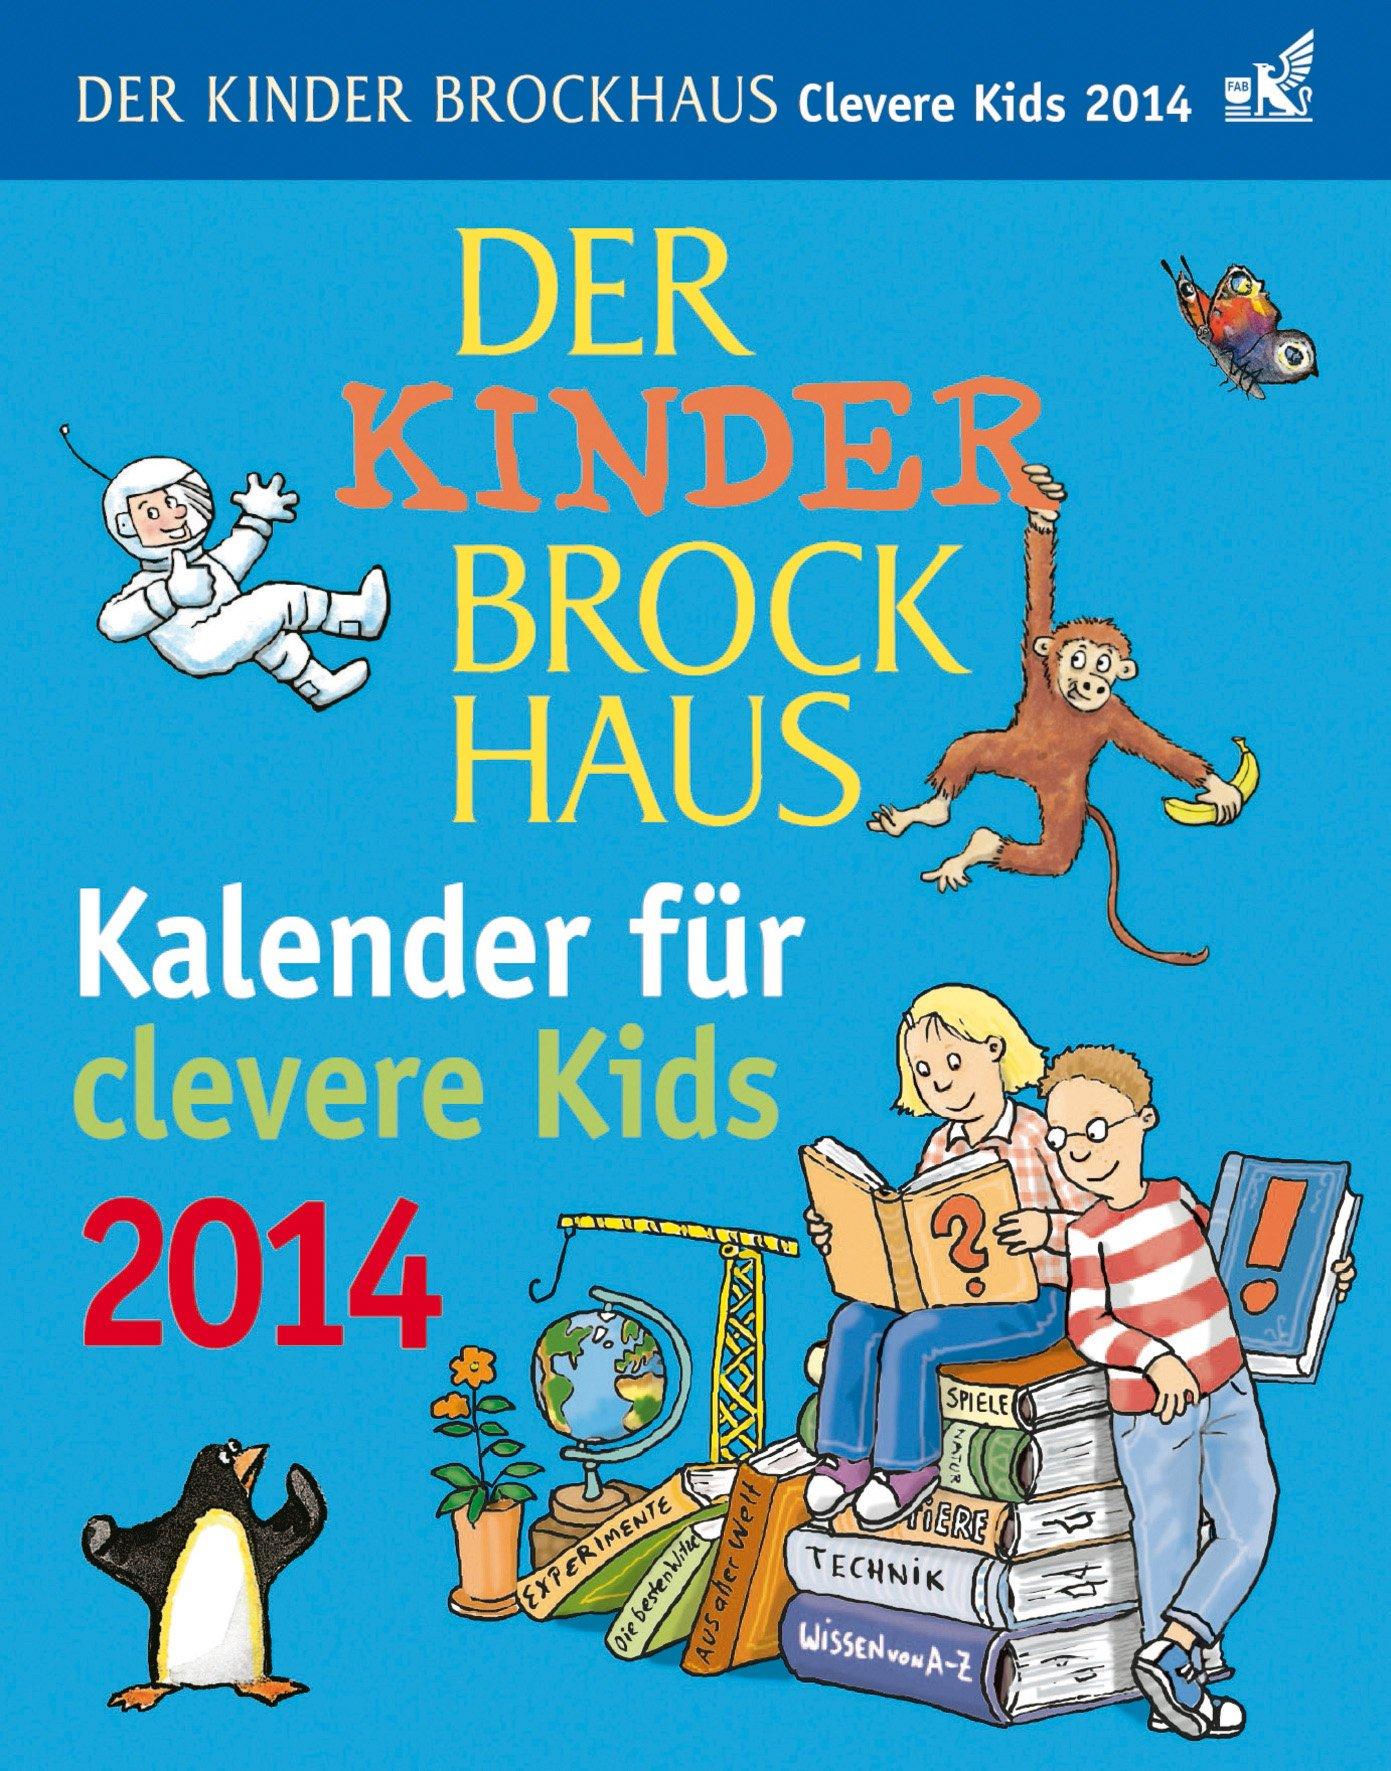 Der Kinder Brockhaus Kalender für clevere Kids 2014: Mit Brockhaus clever durchs Jahr!